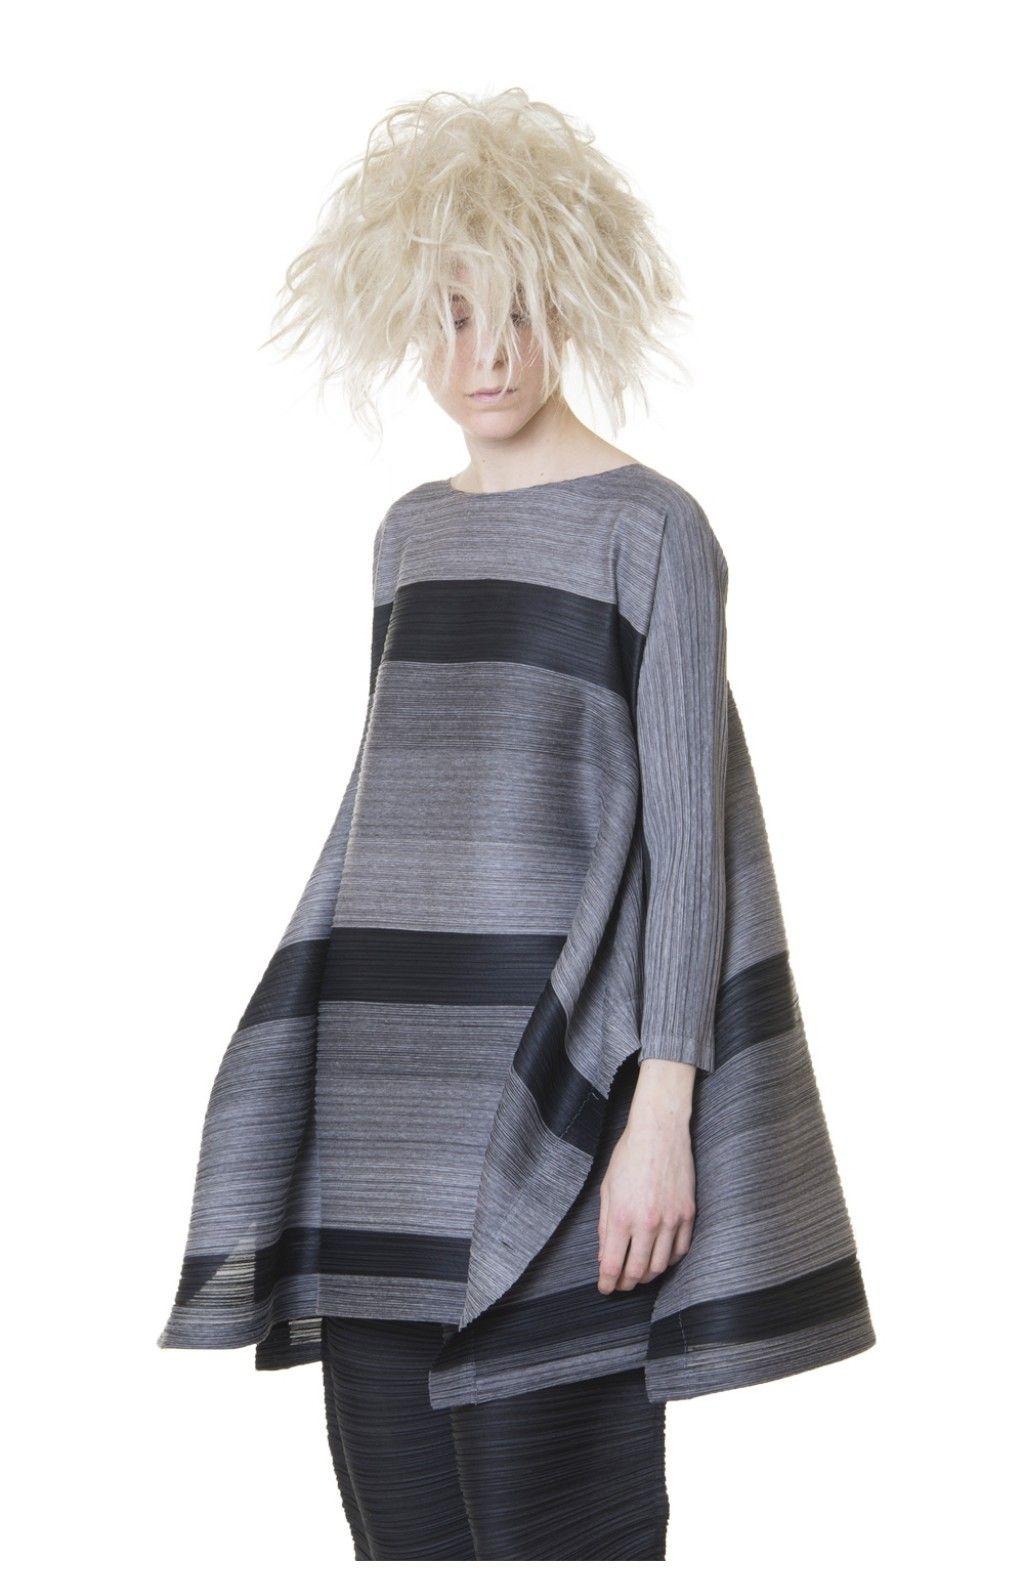 NUOVO Donna Swing Top Taglie Forti Da Donna Stampa Strisce Vestito Estate Fashion Nouvelle